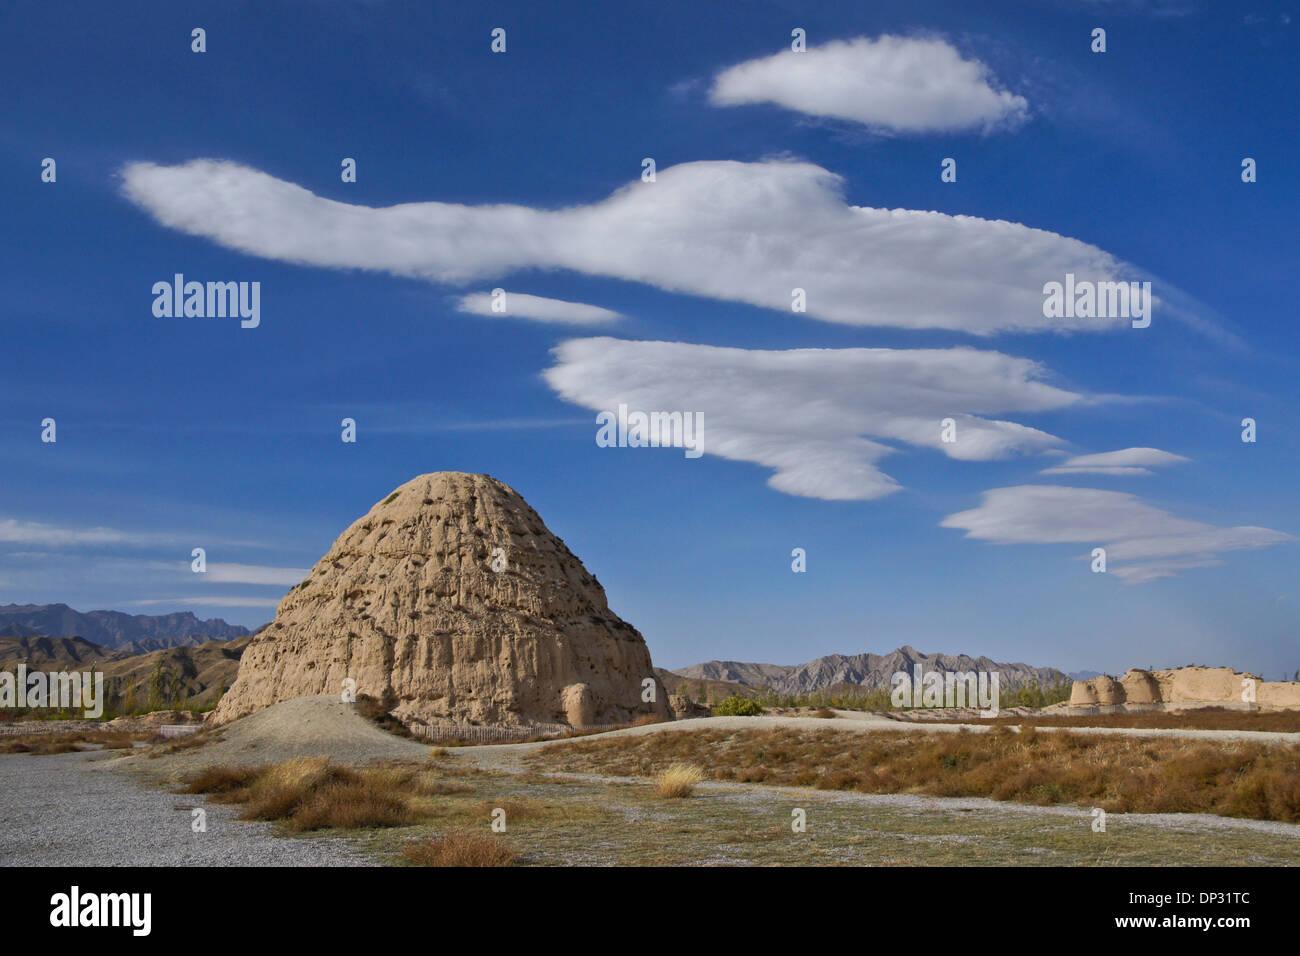 Western Xia tumbas tumba (nº 3), Gunzhongkou, provincia de Ningxia, China Foto de stock